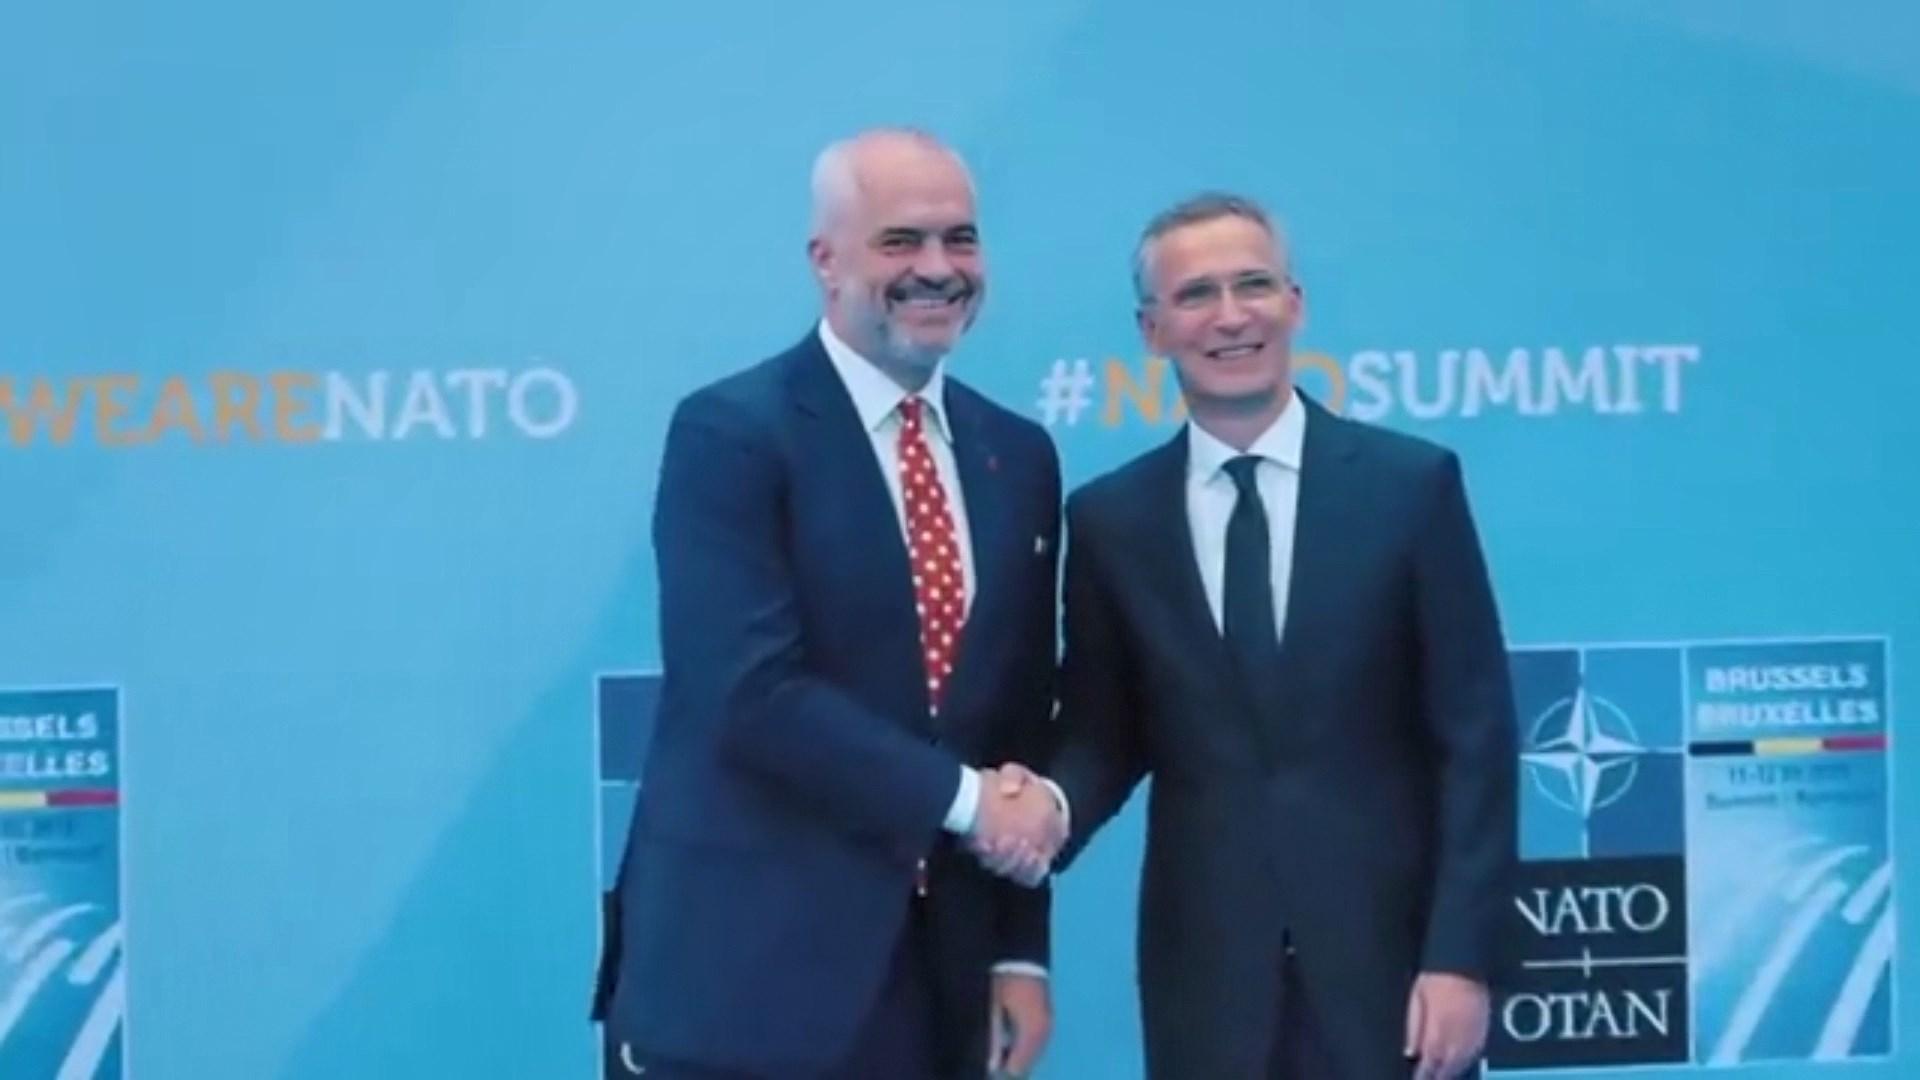 Rama në samitin e NATO-s: Shqipëria u vlerësua pozitivisht